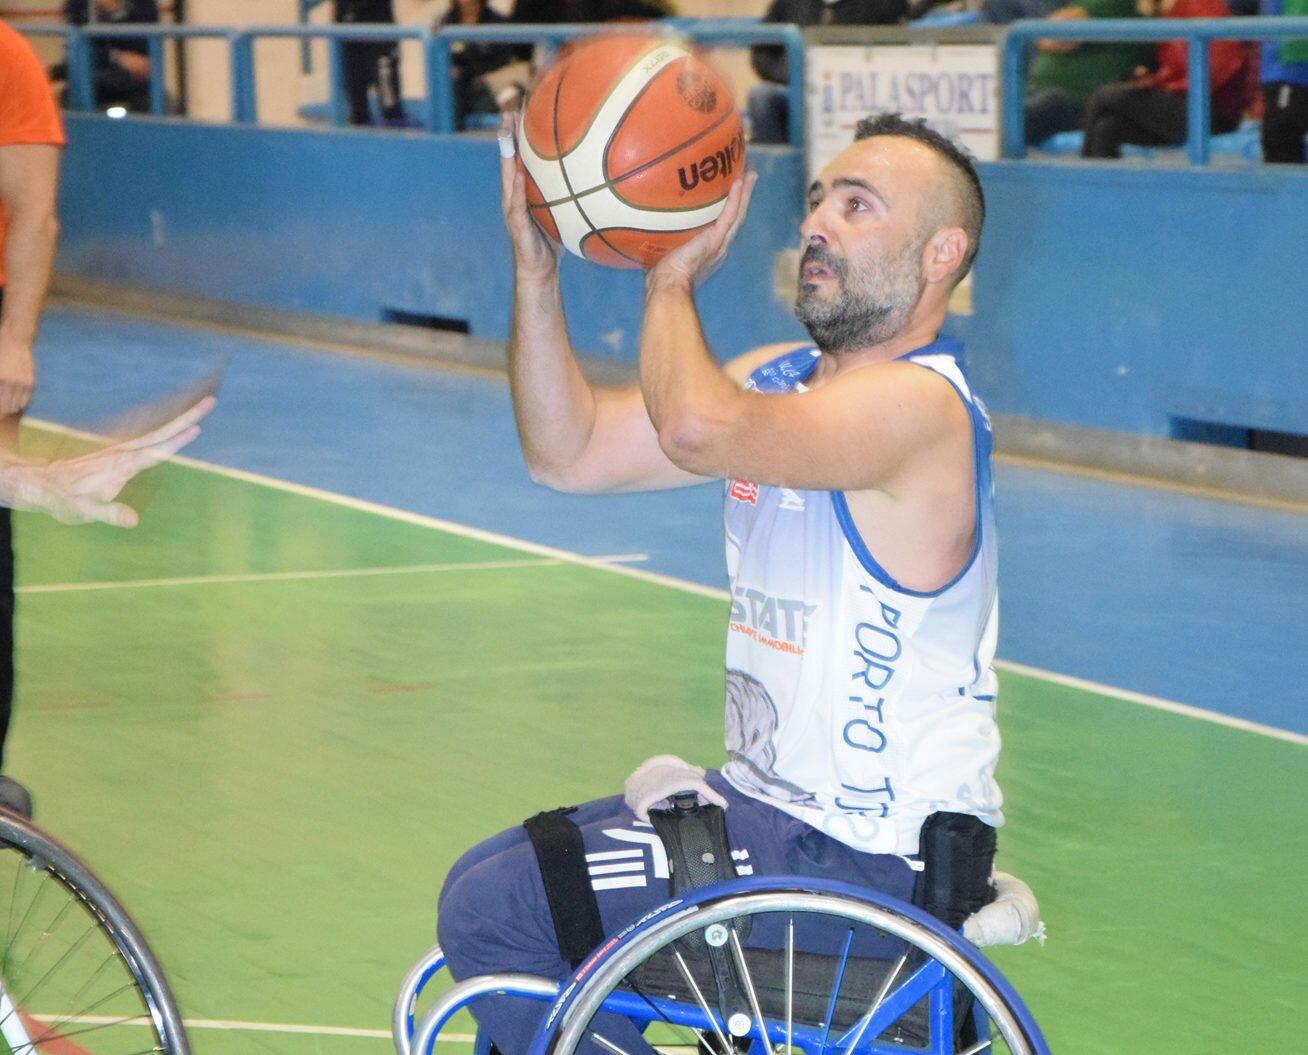 Bruno Falchi